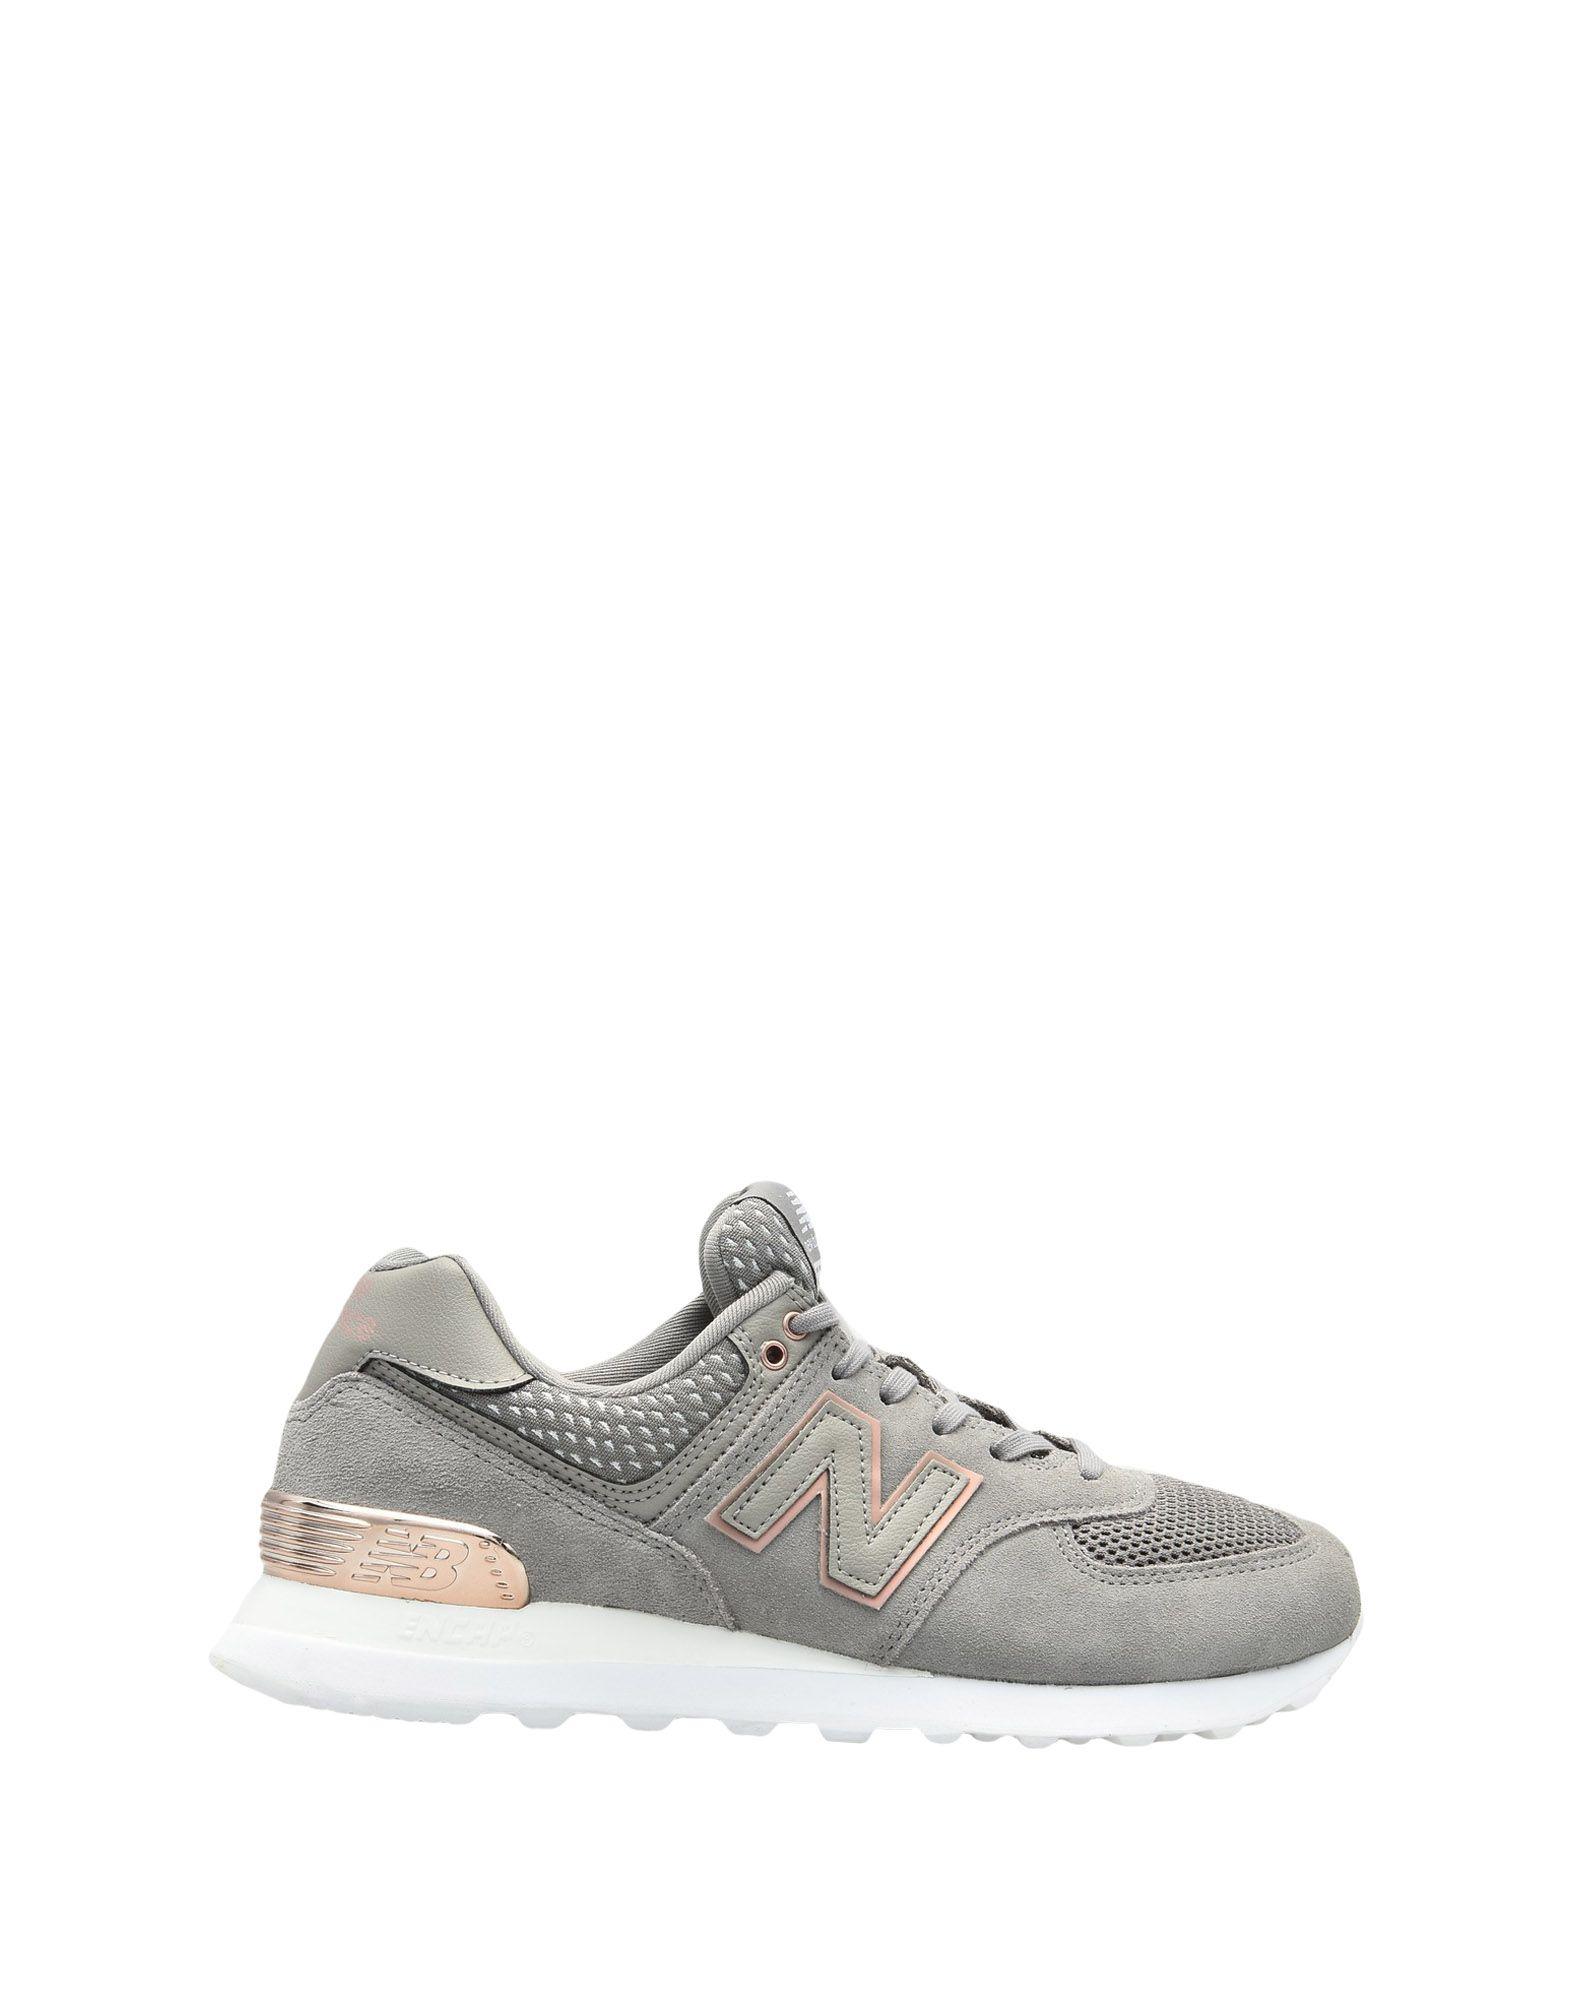 New Balance 574 Rose Gold  Qualität 11497543UW Gute Qualität  beliebte Schuhe 585ab5